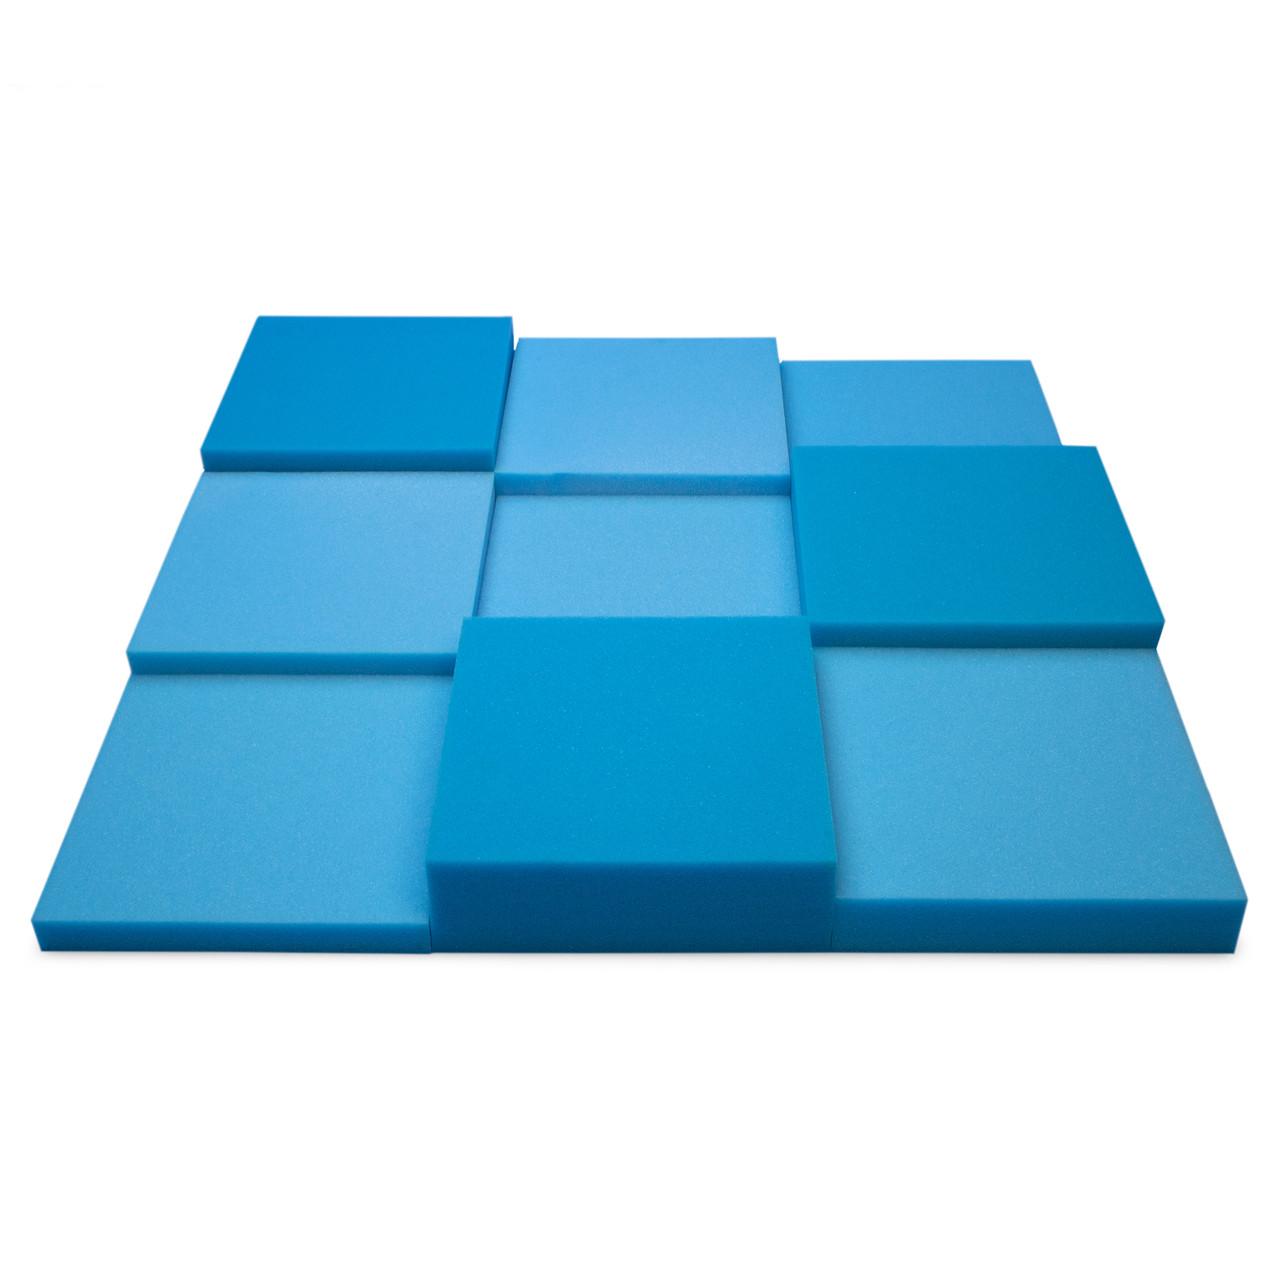 Панель з акустичного поролону Ecosound Pattern Blue 60мм, 60х60см колір синій